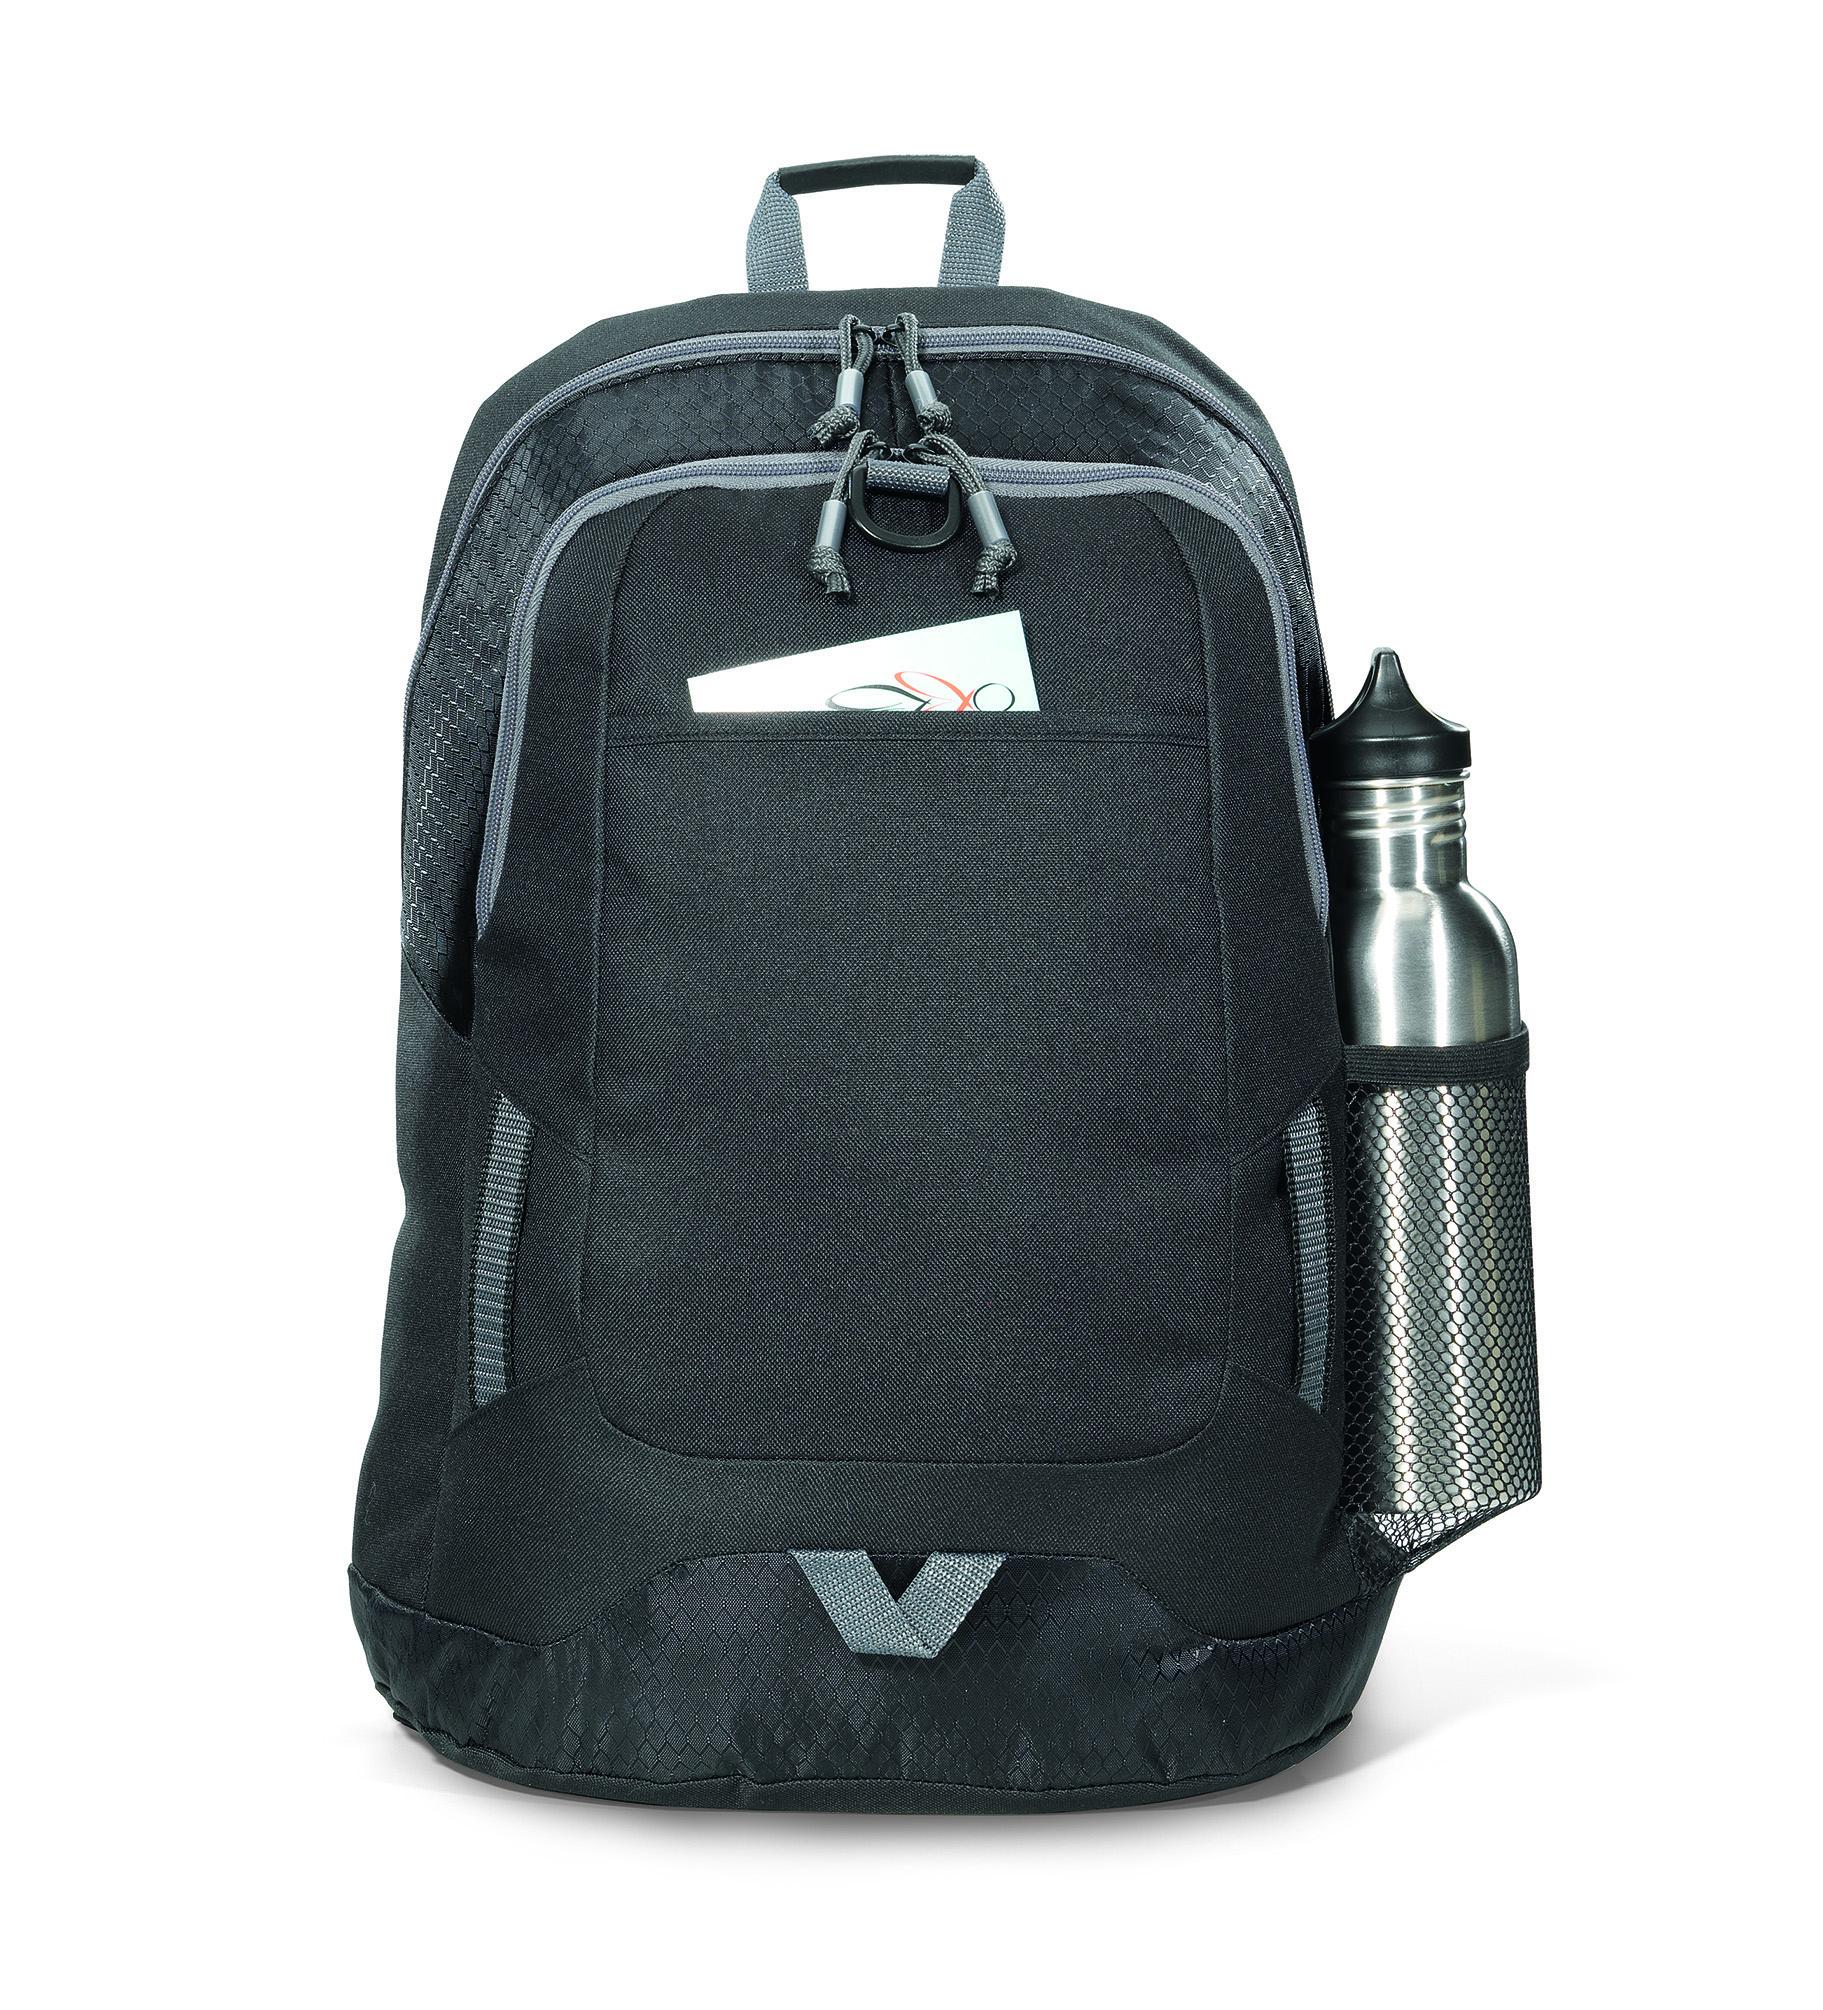 Gemline 5710 - Maverick Computer Backpack